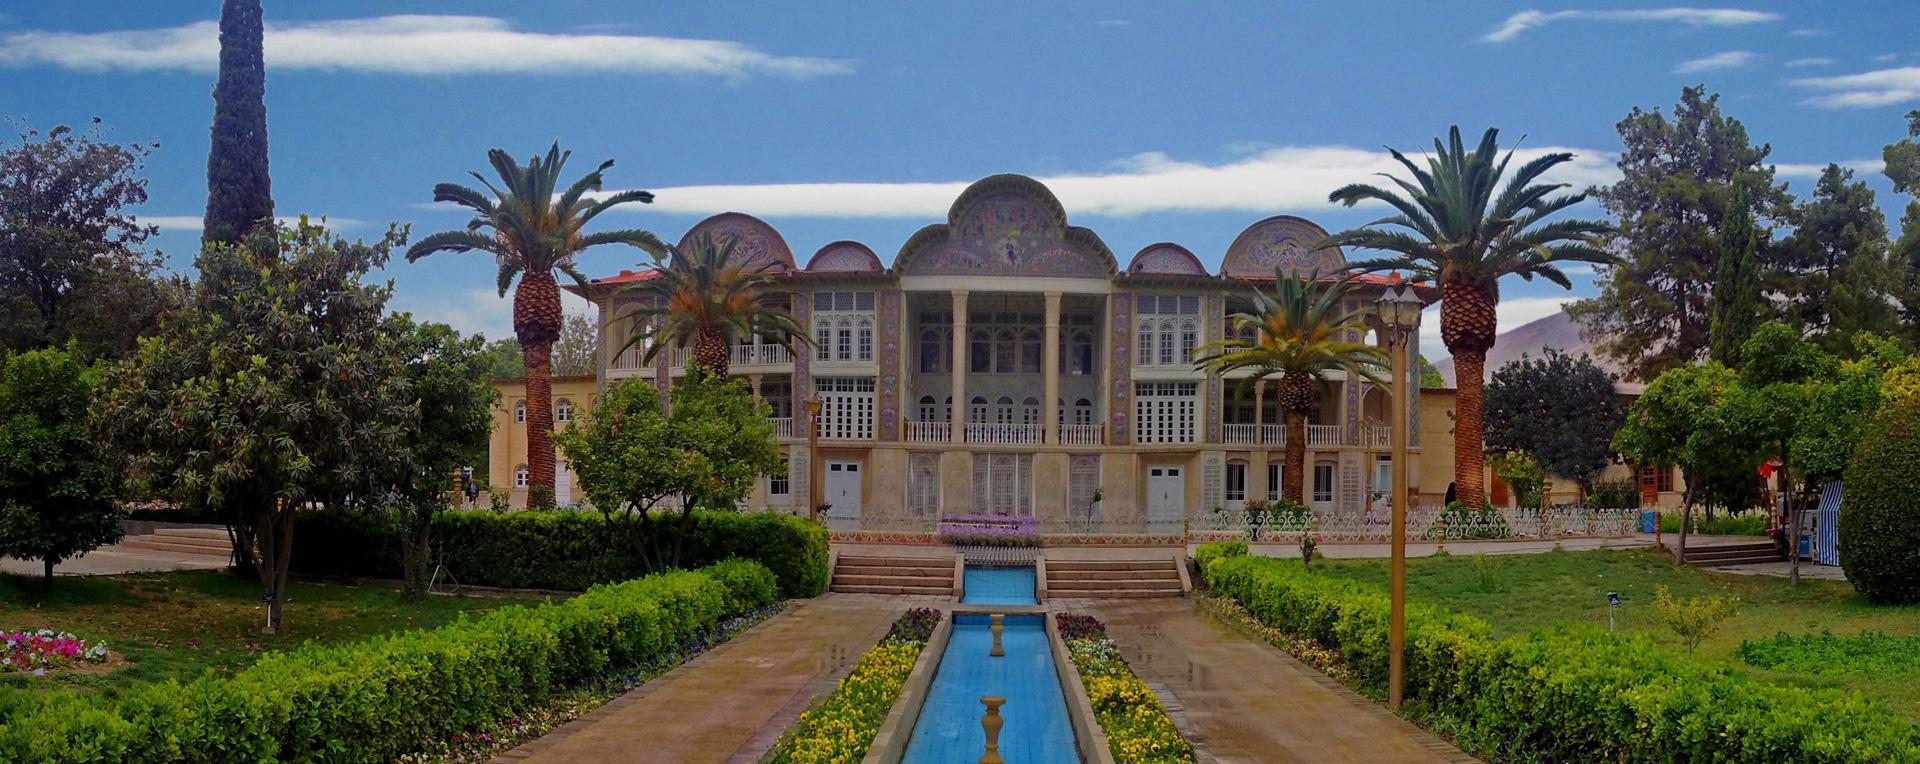 انجمن حمایت از توسعه فارس (باغ عفیف آباد)